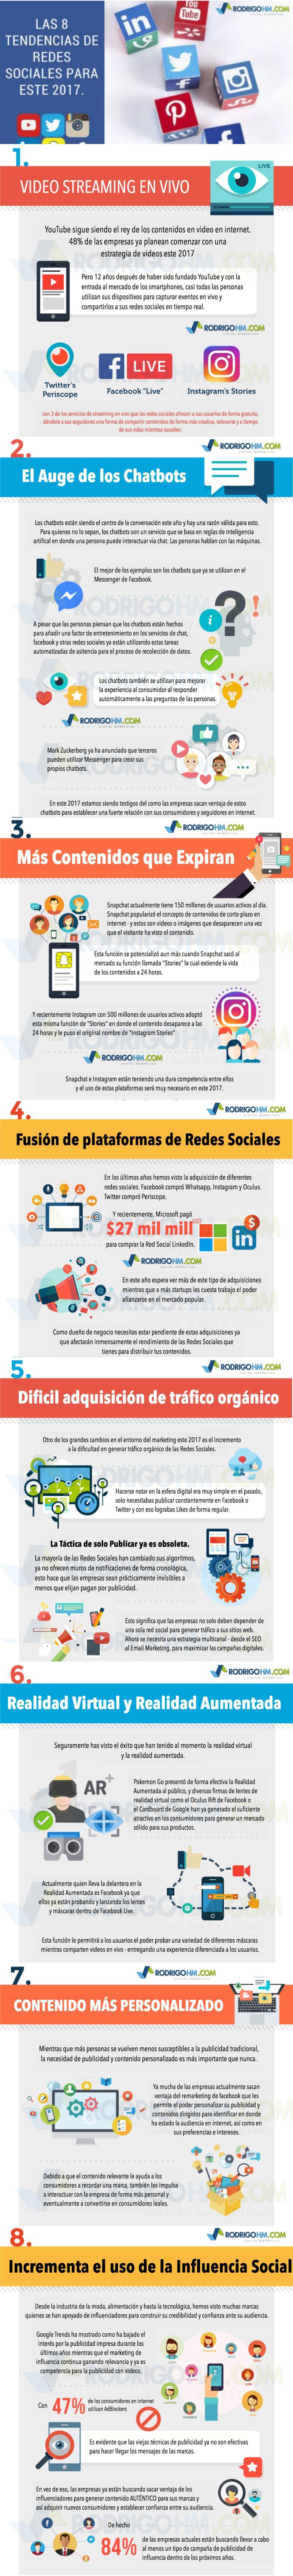 Tendencias 2017 en Redes Sociales - Infografía